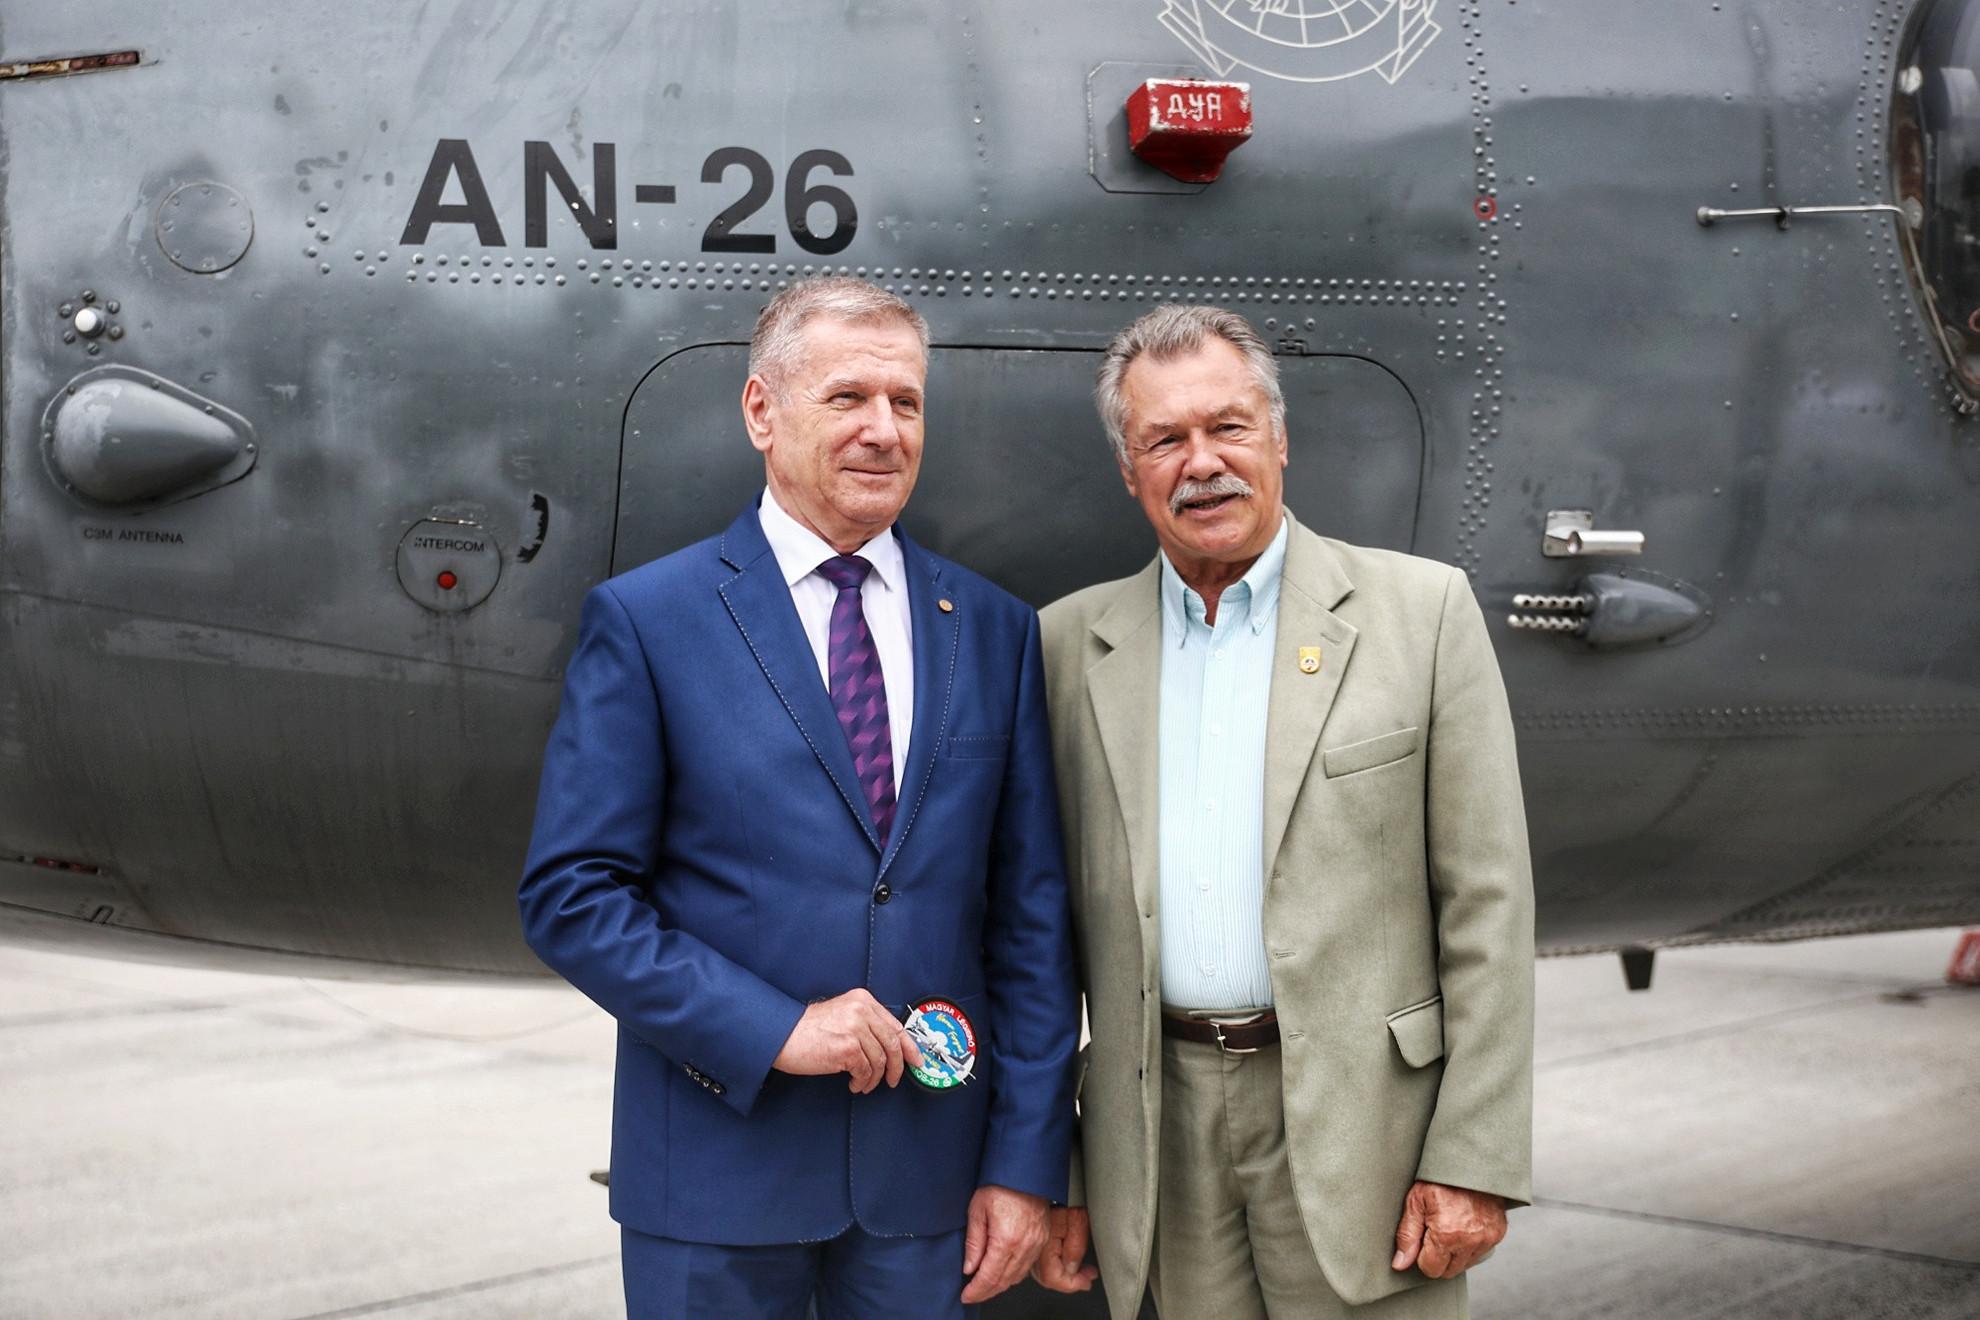 Benkő Tibor honvédelmi miniszter és Farkas Bertalan nyugdíjazott dandártábornok, az első magyar űrhajós az egyik AN-26-os gép előtt